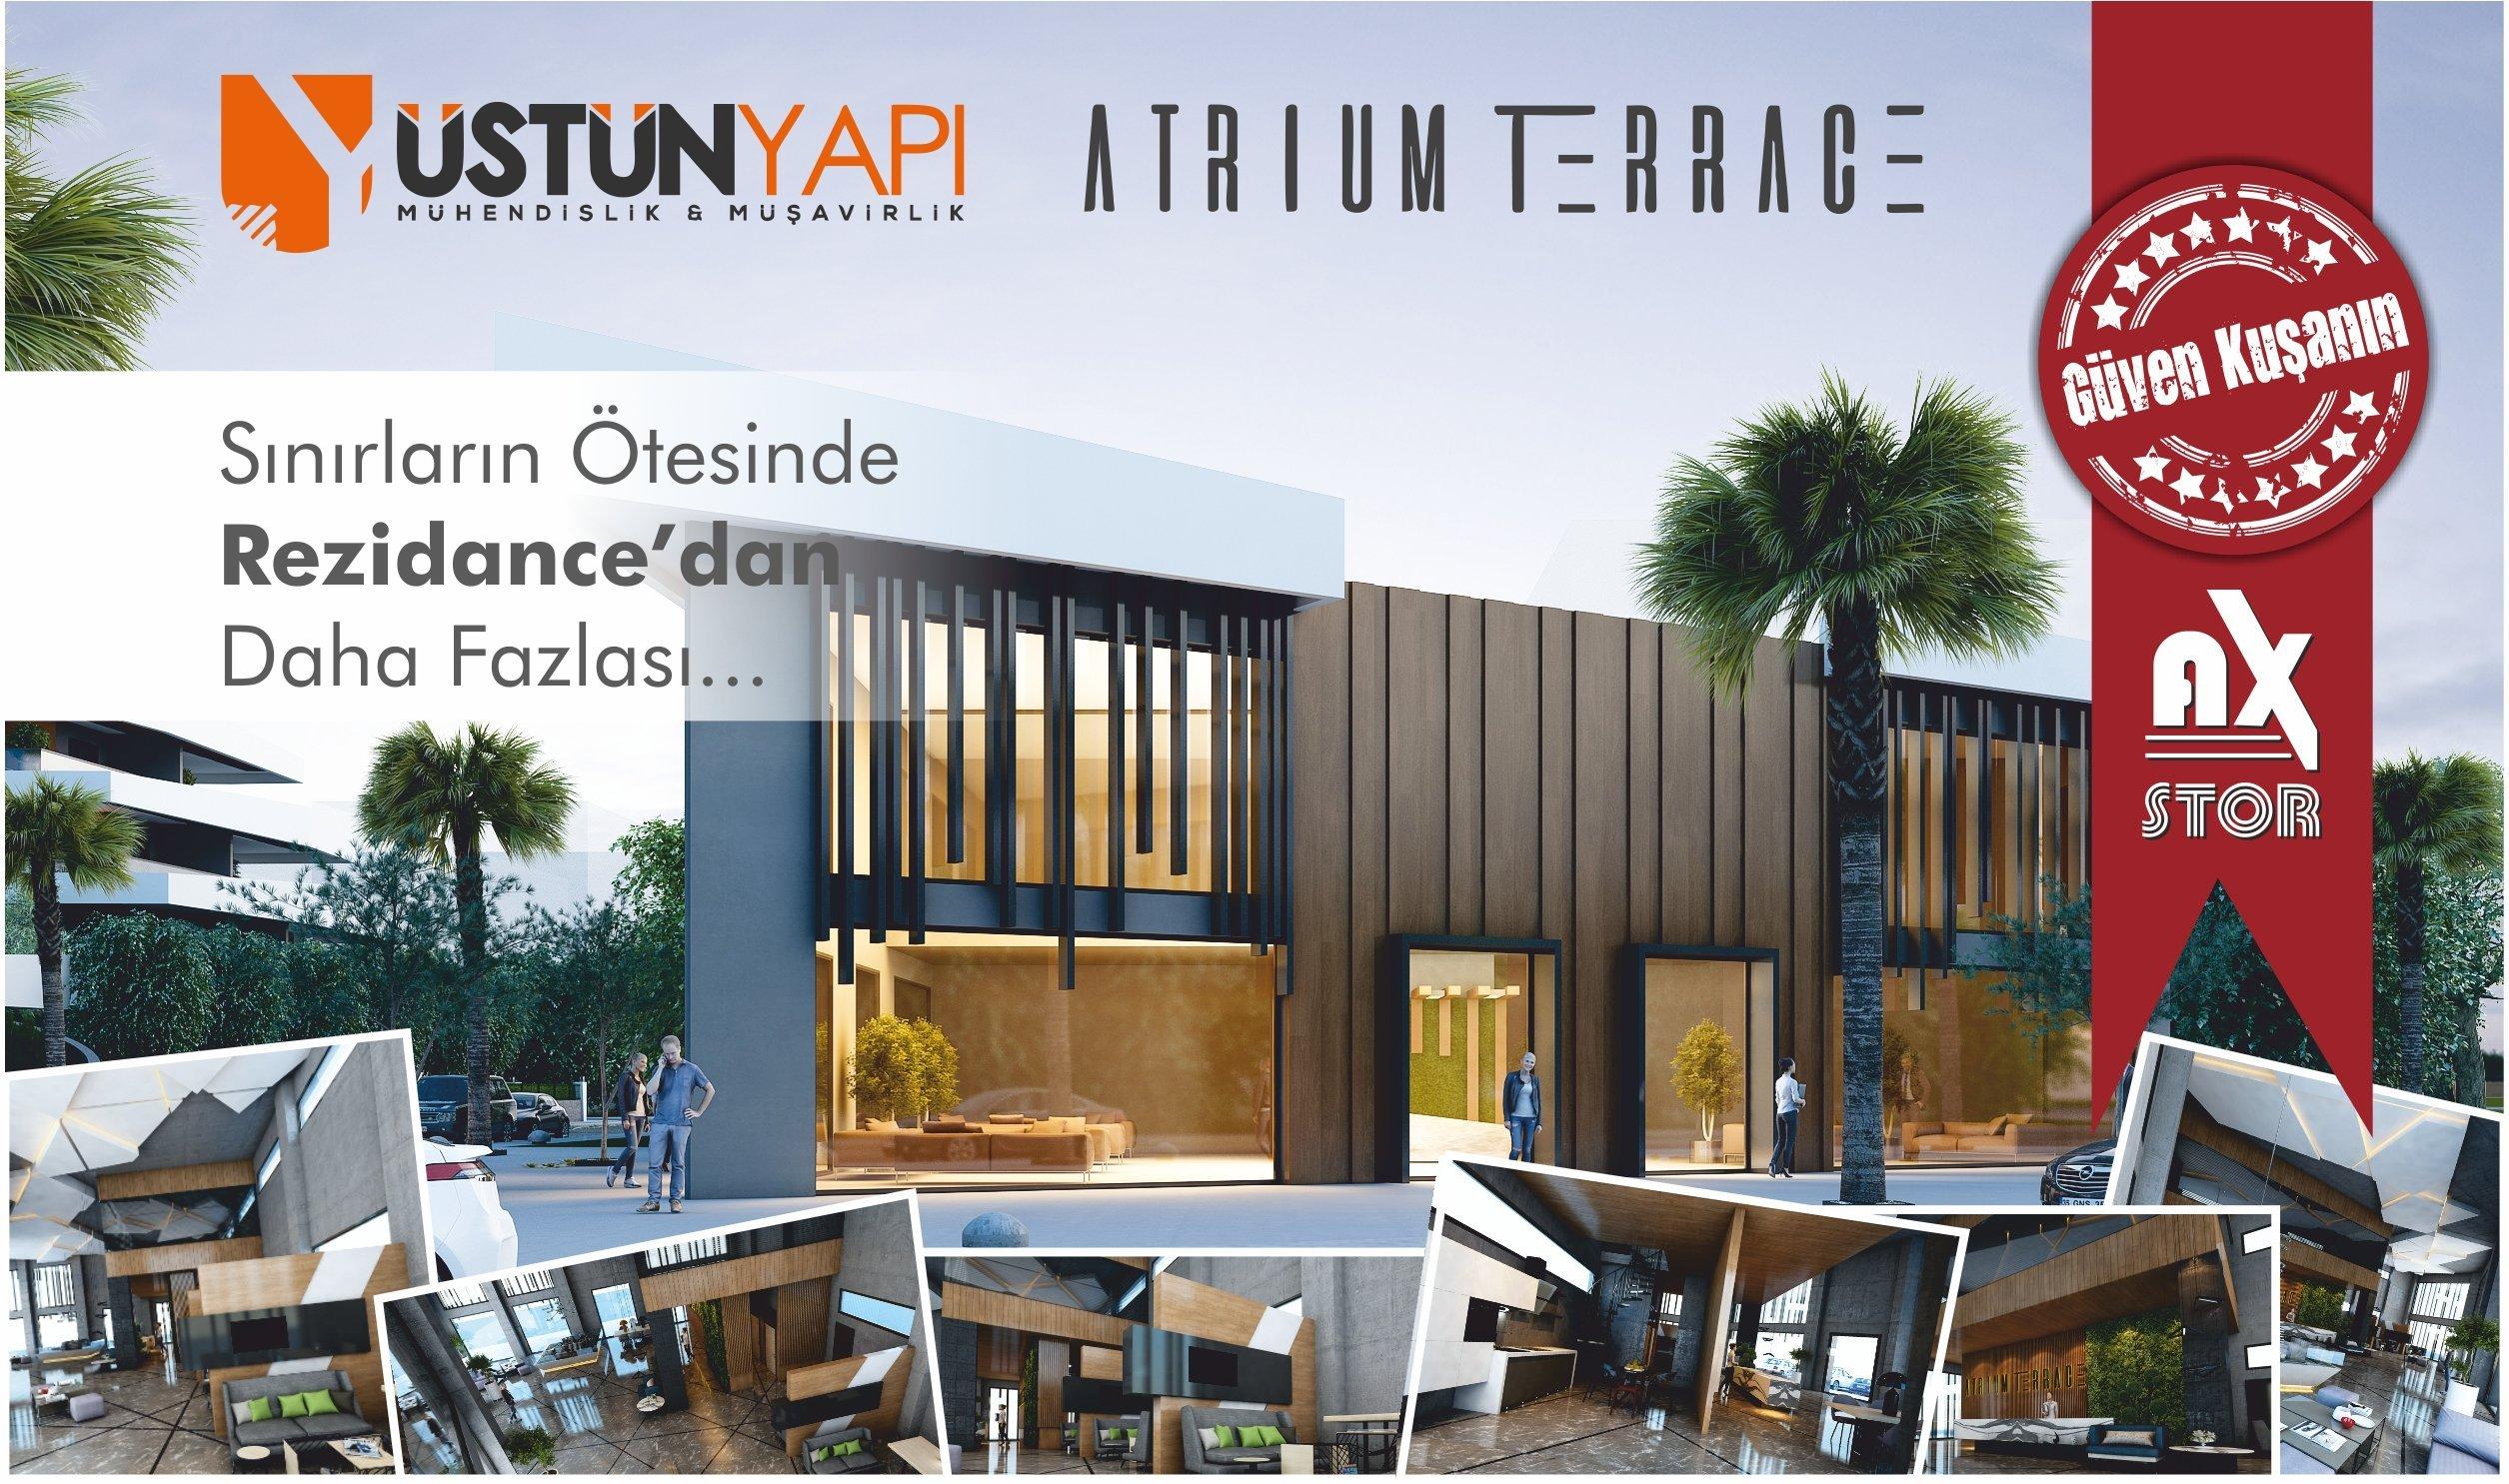 Üstün Yapı Atrium Terrace